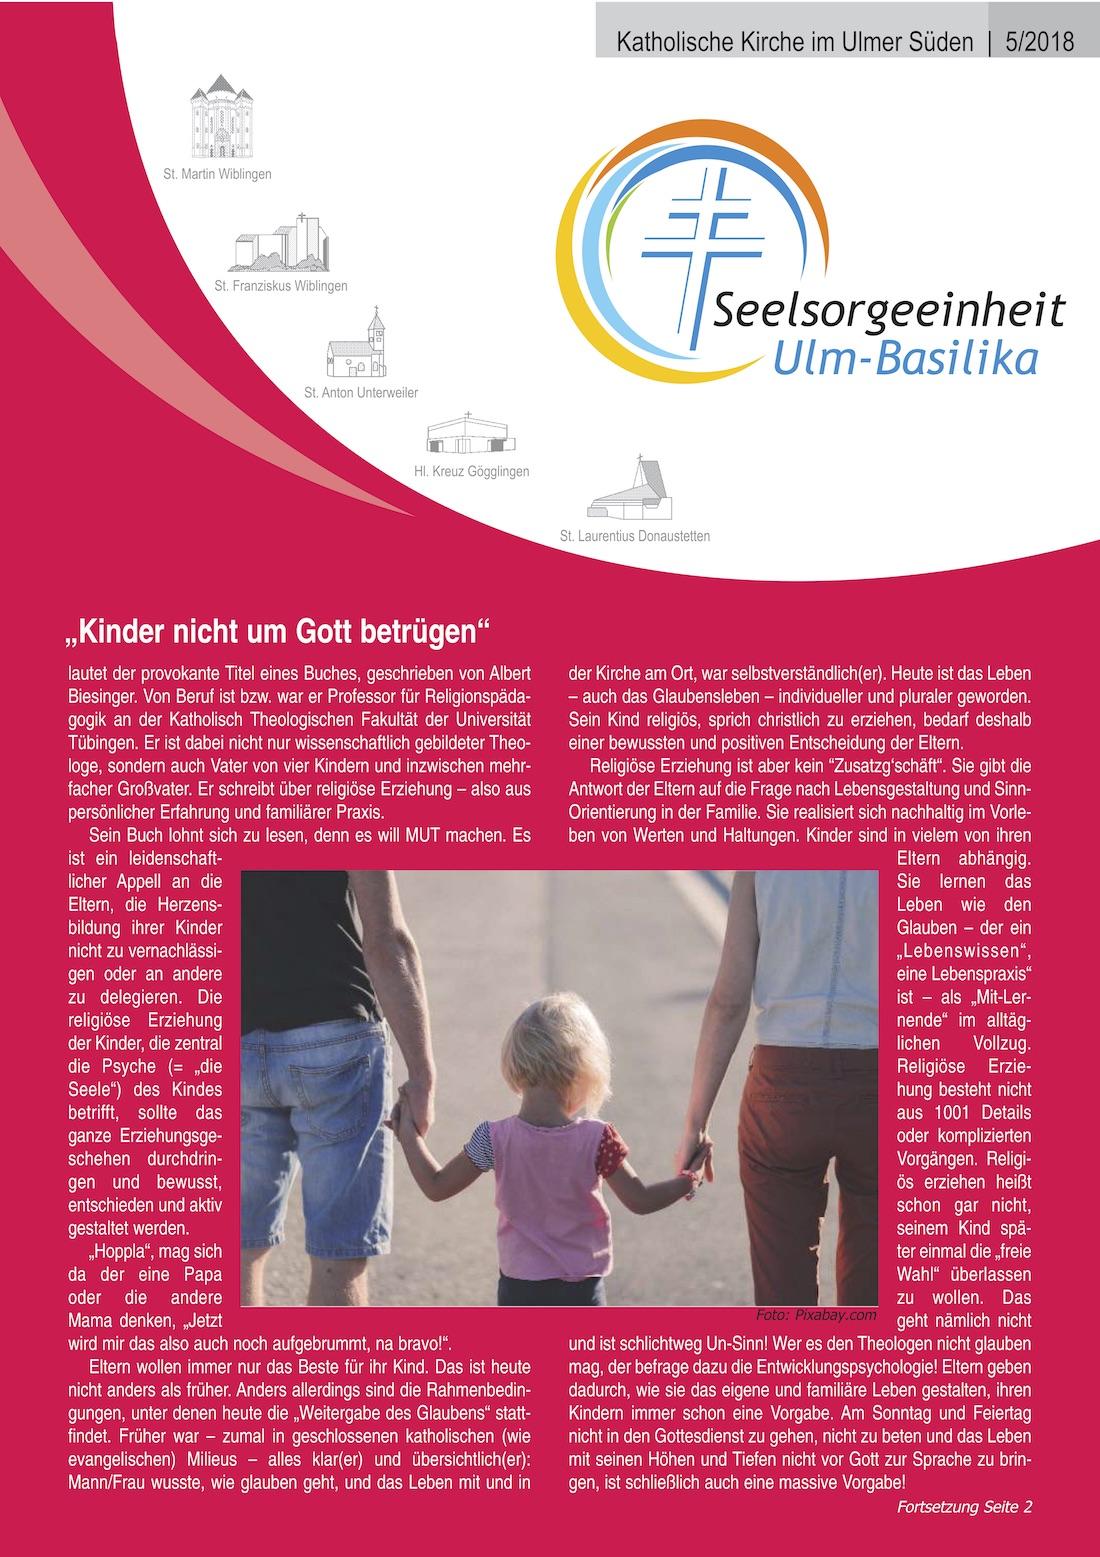 Katholische Kirche im Ulmer Süden 5 - 2018